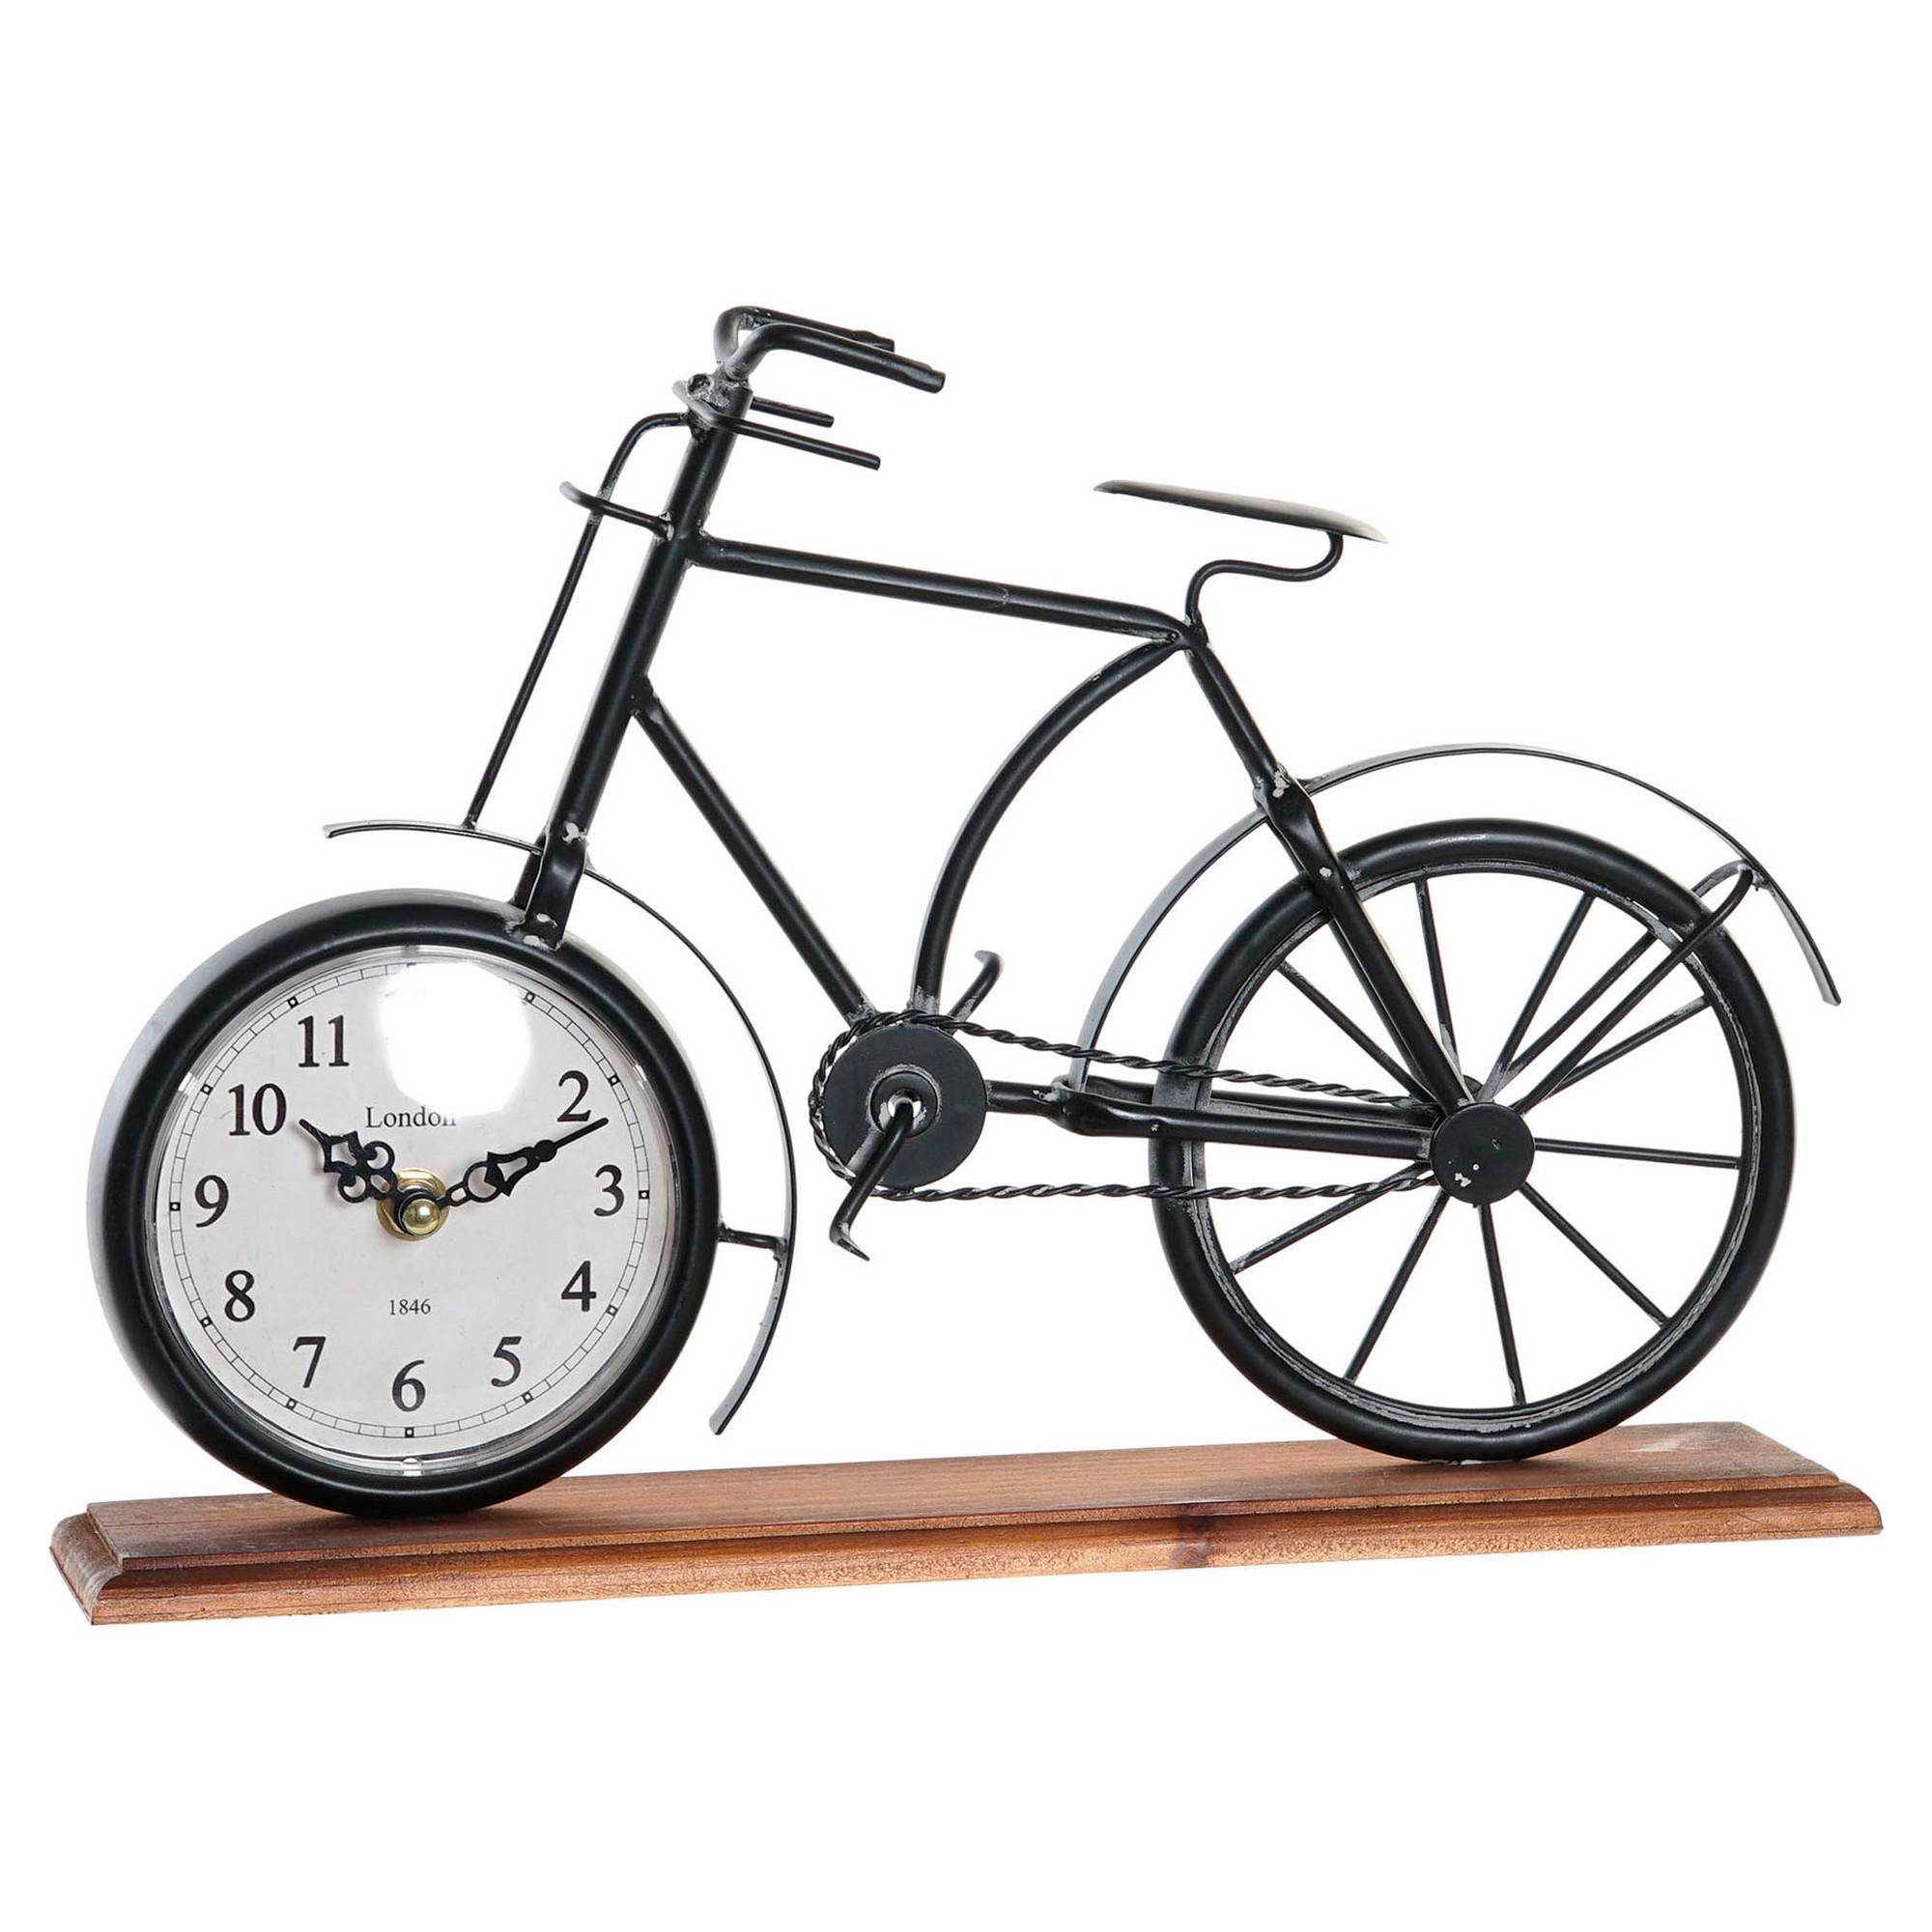 Horloge de table Eddy 34x23,5cm Bois Marron et Métal Noir